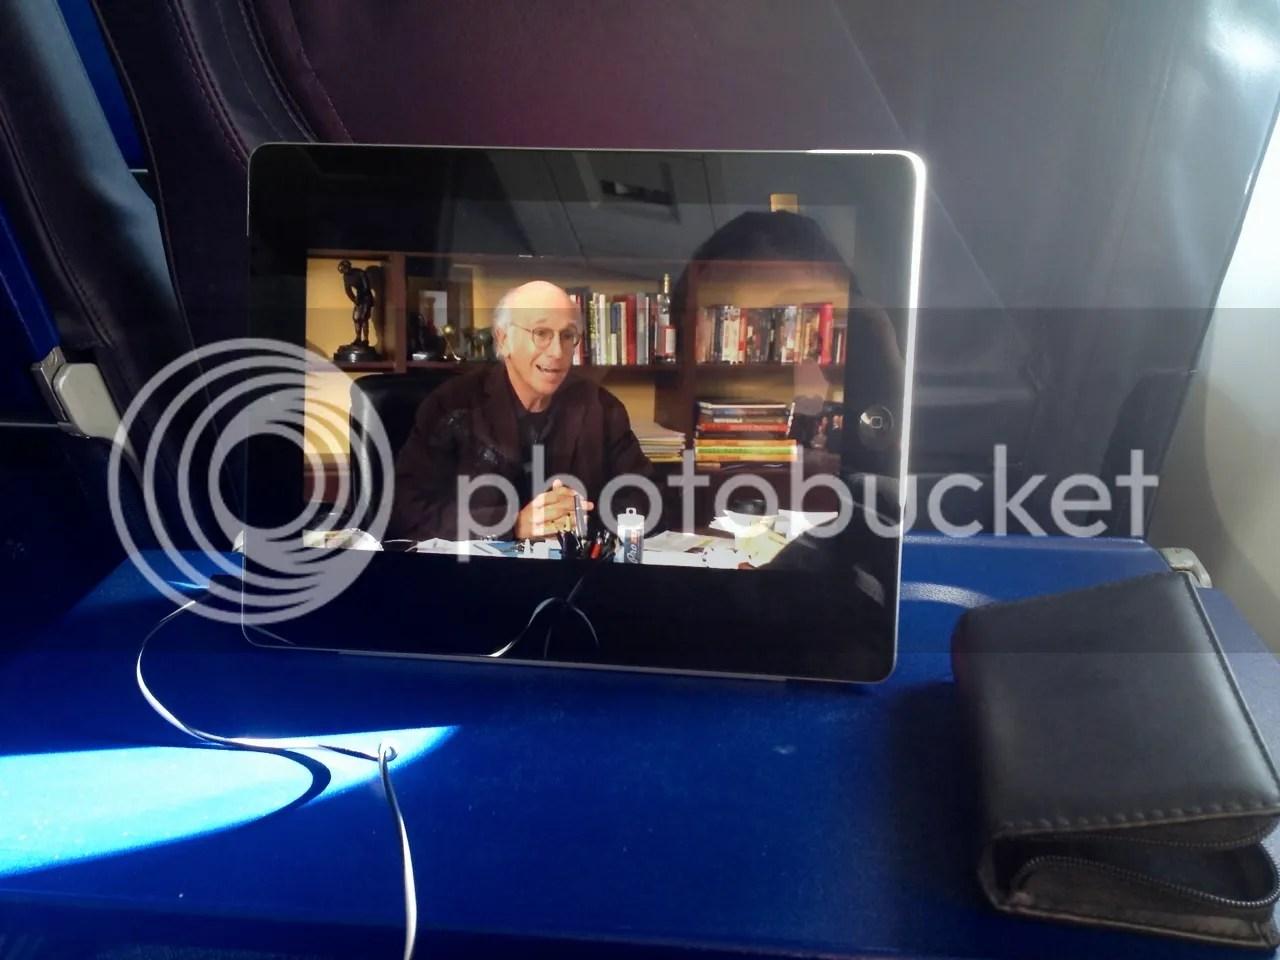 https://i1.wp.com/i181.photobucket.com/albums/x35/jwhite9185/Larnaca/file-61.jpg